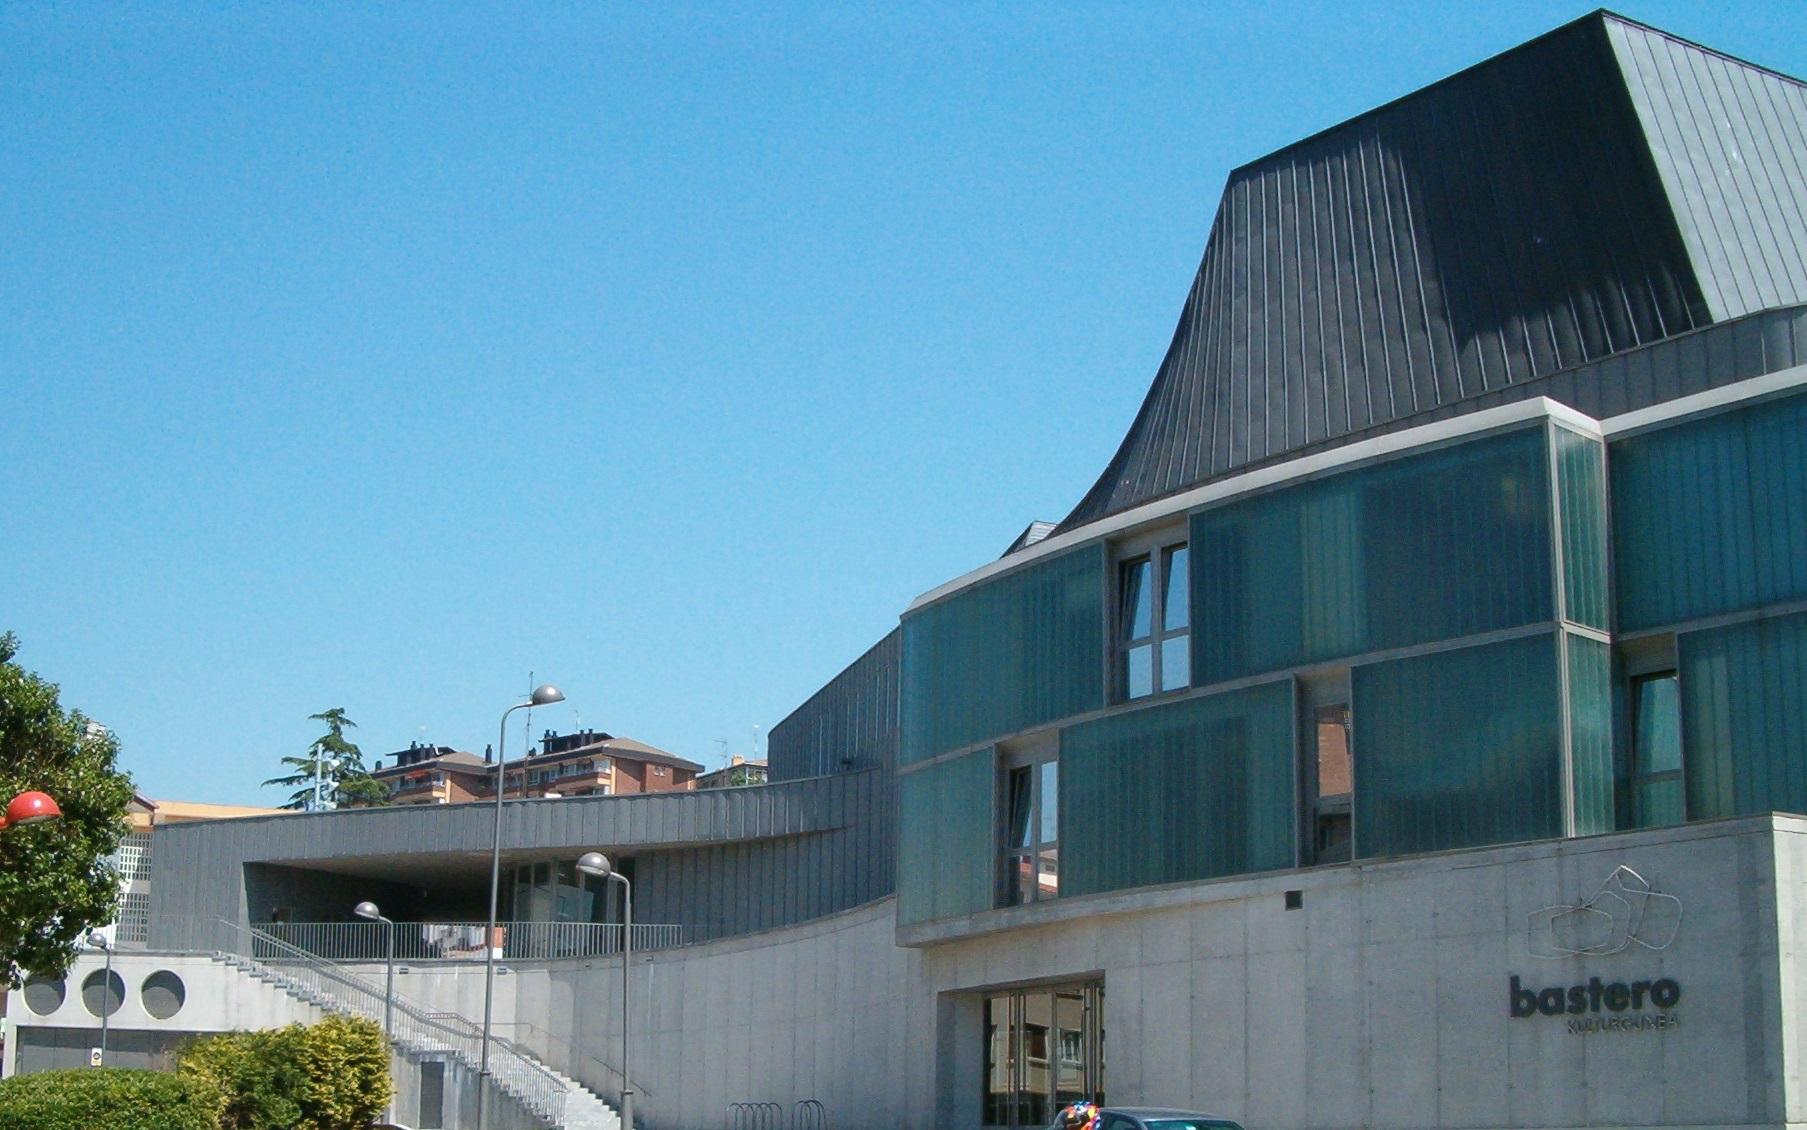 Centro Cultural Bastero 2